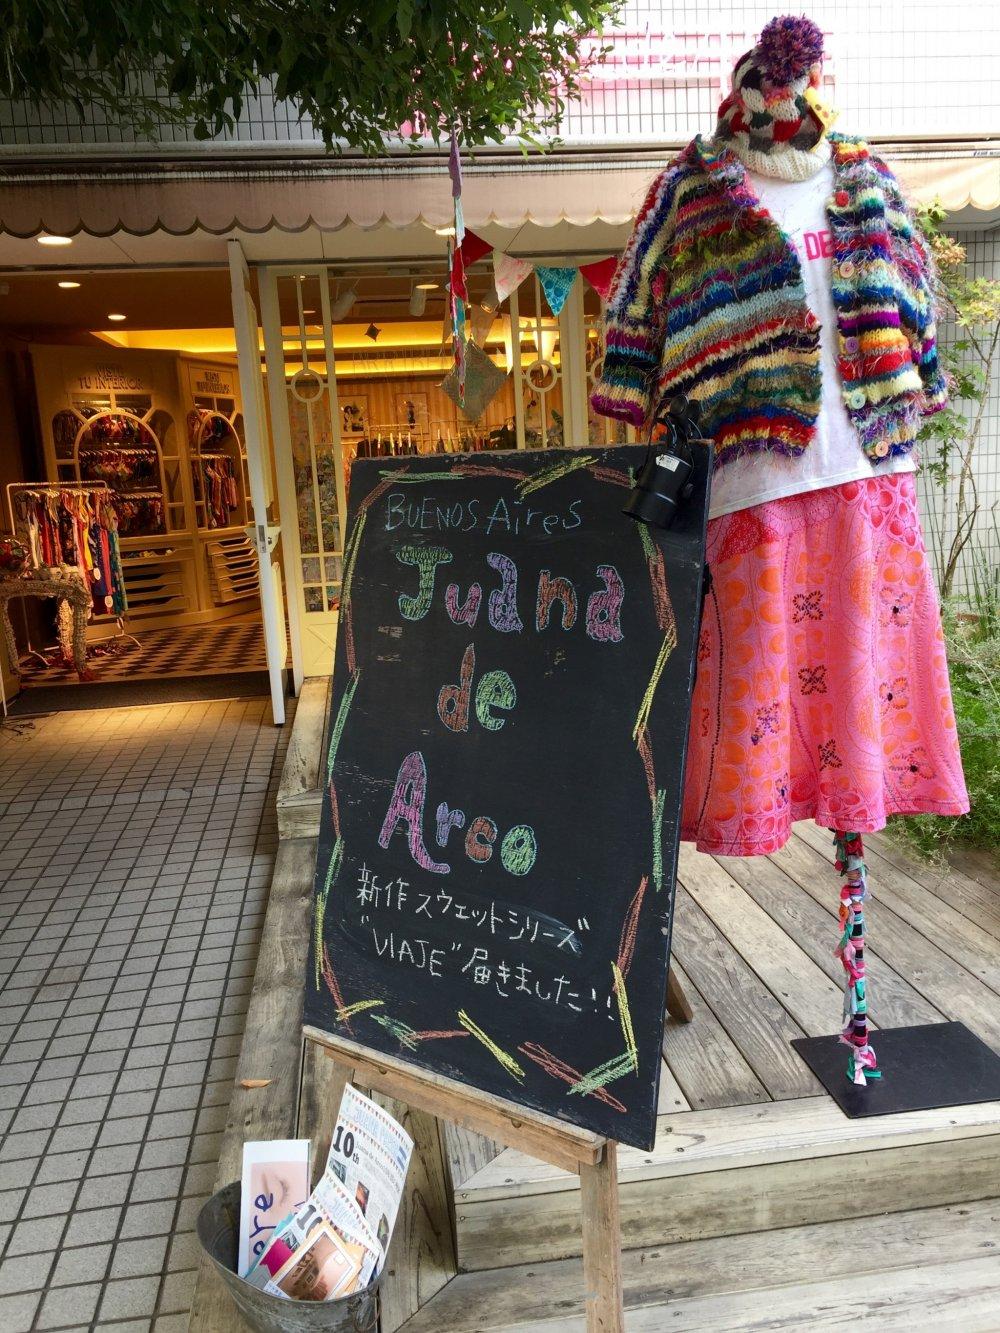 У входа - газета магазинчика (только на японском)